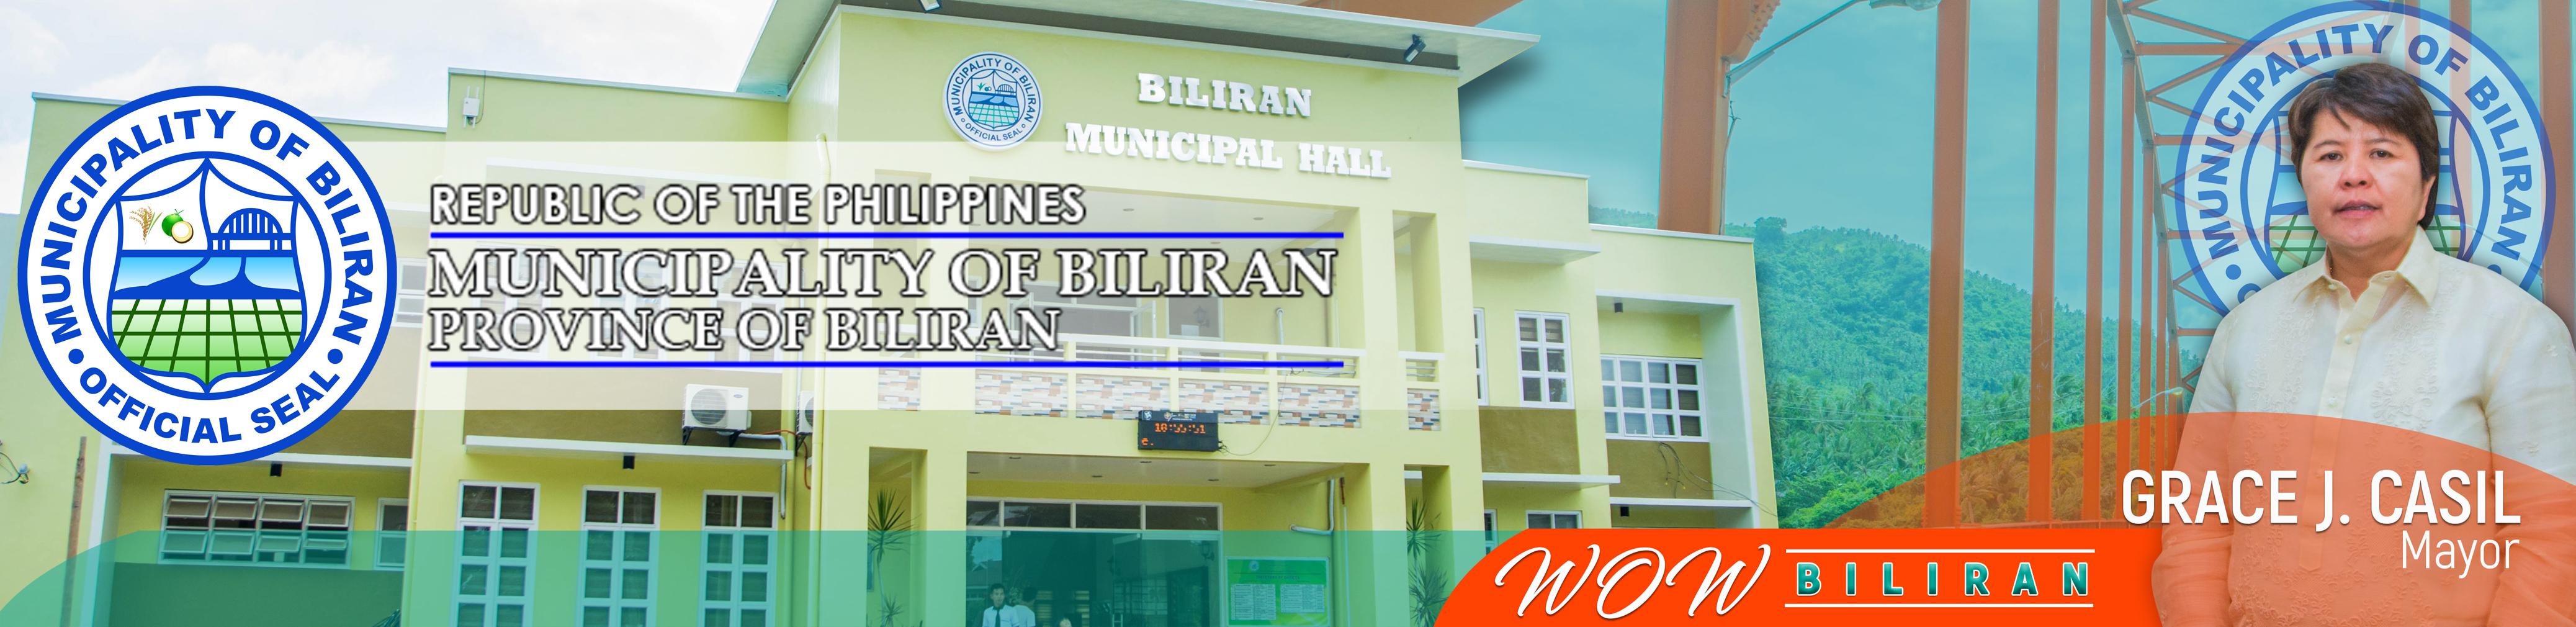 Municipality of Biliran